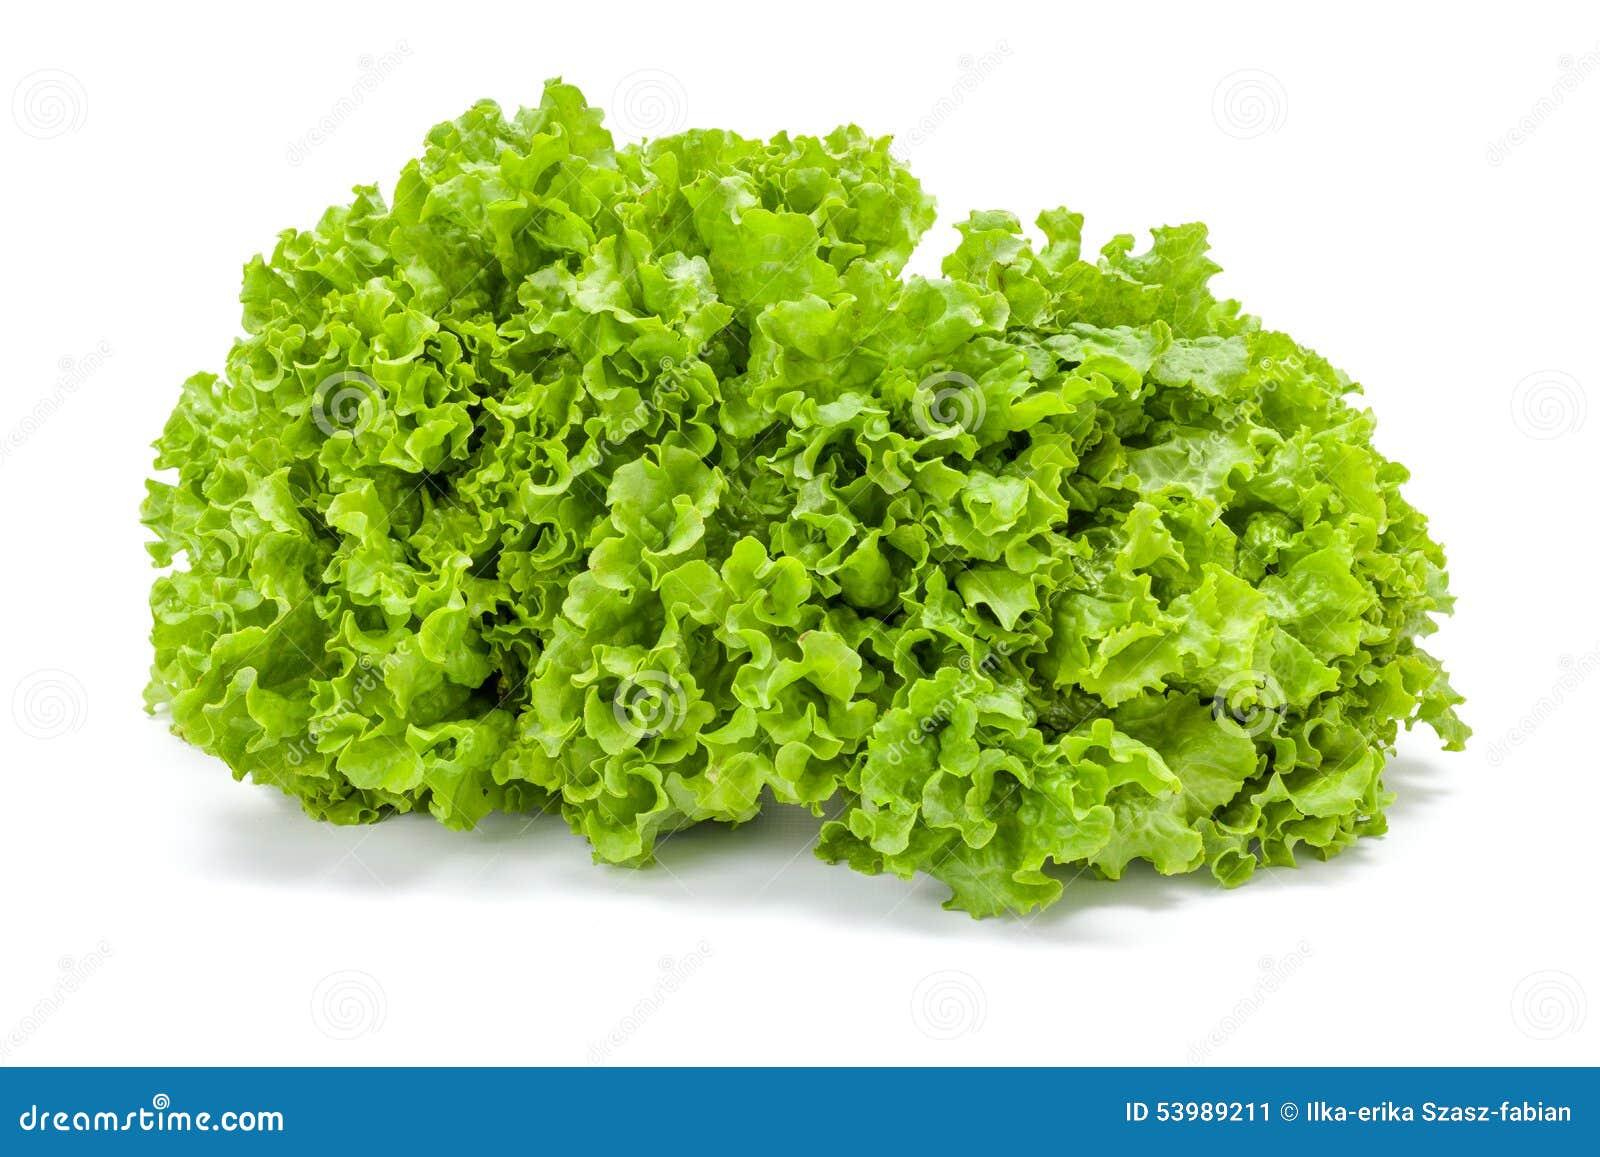 big green leaf lettuce stock image image of healthy 53989211